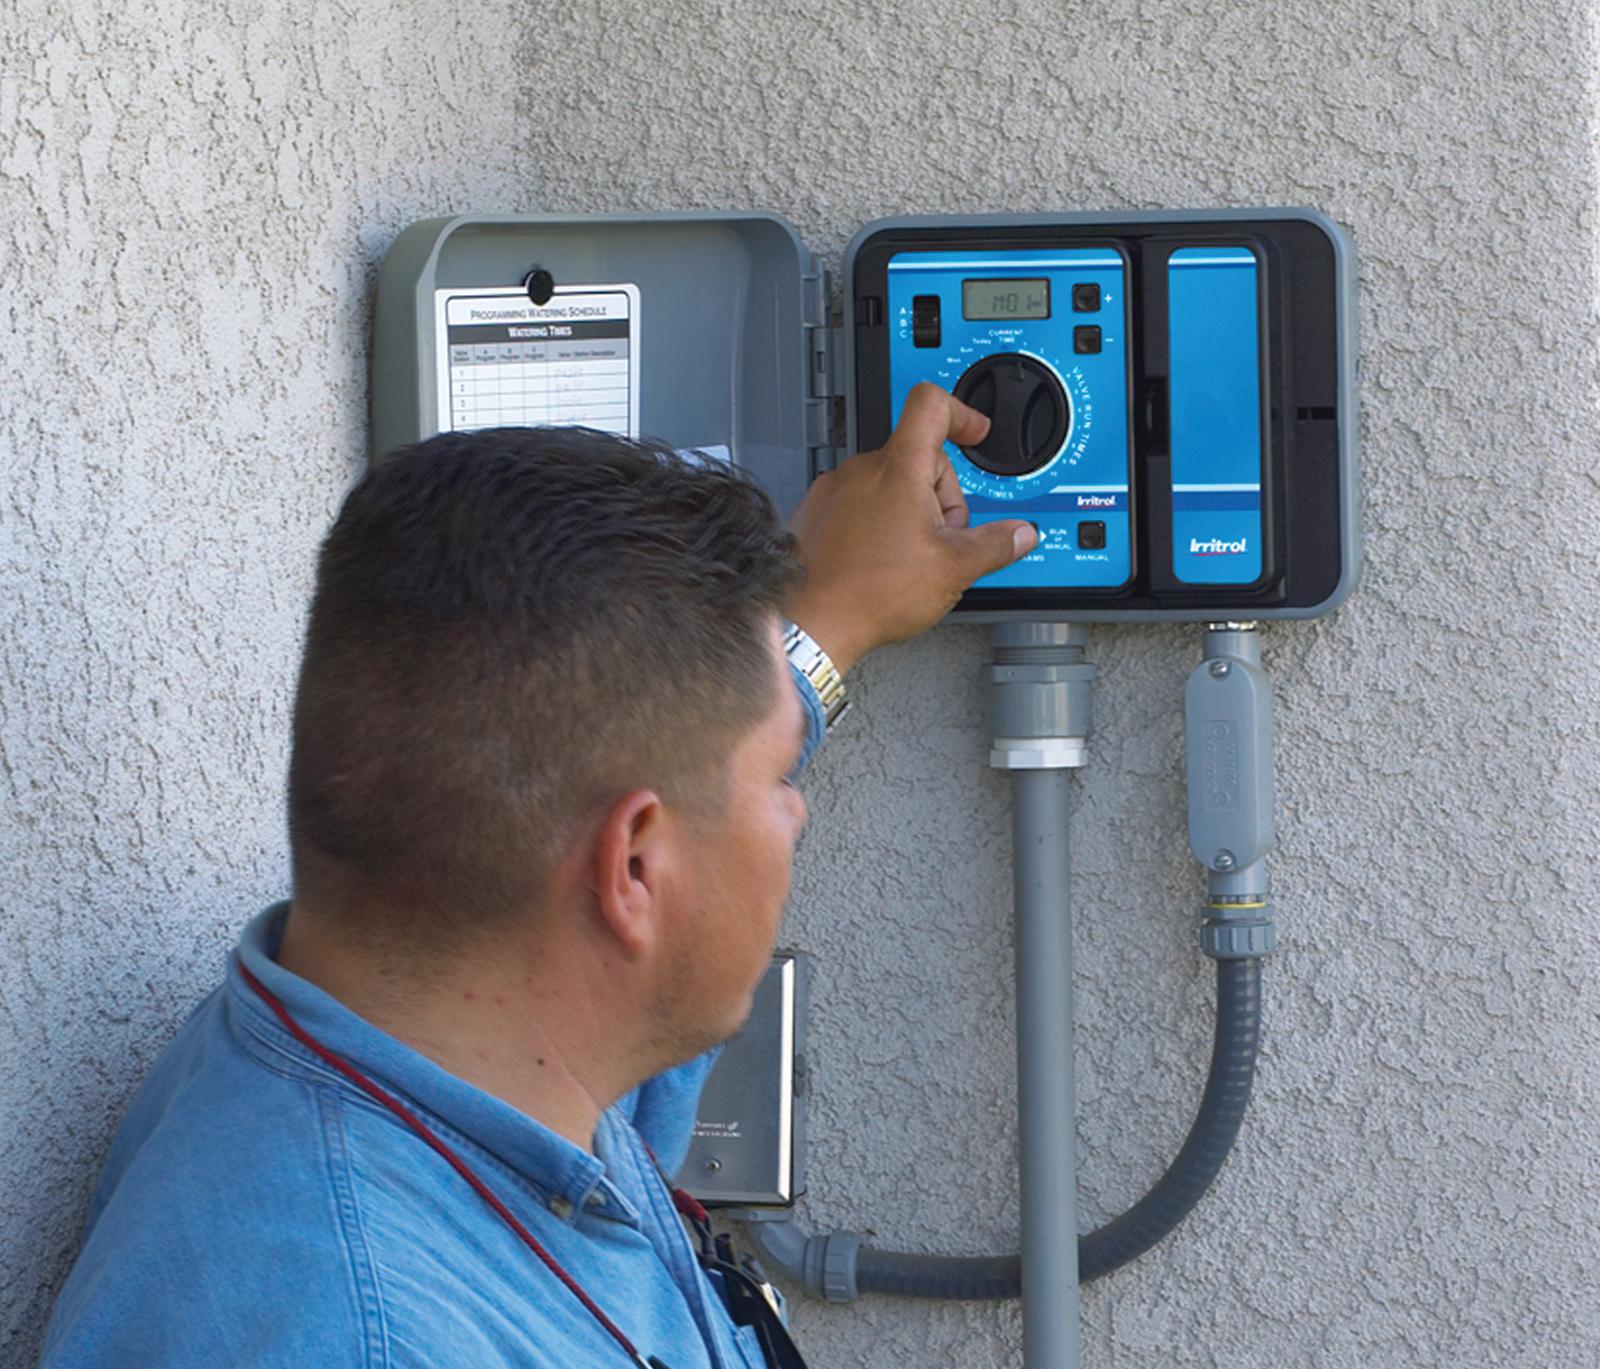 raindial_location.ashx?mw=700&mh=599&hash=2747F45B4FAA2DA5D19425B7BA775ADFCFC4E8A7 irritrol rain dial� r series Basic Electrical Wiring Diagrams at reclaimingppi.co